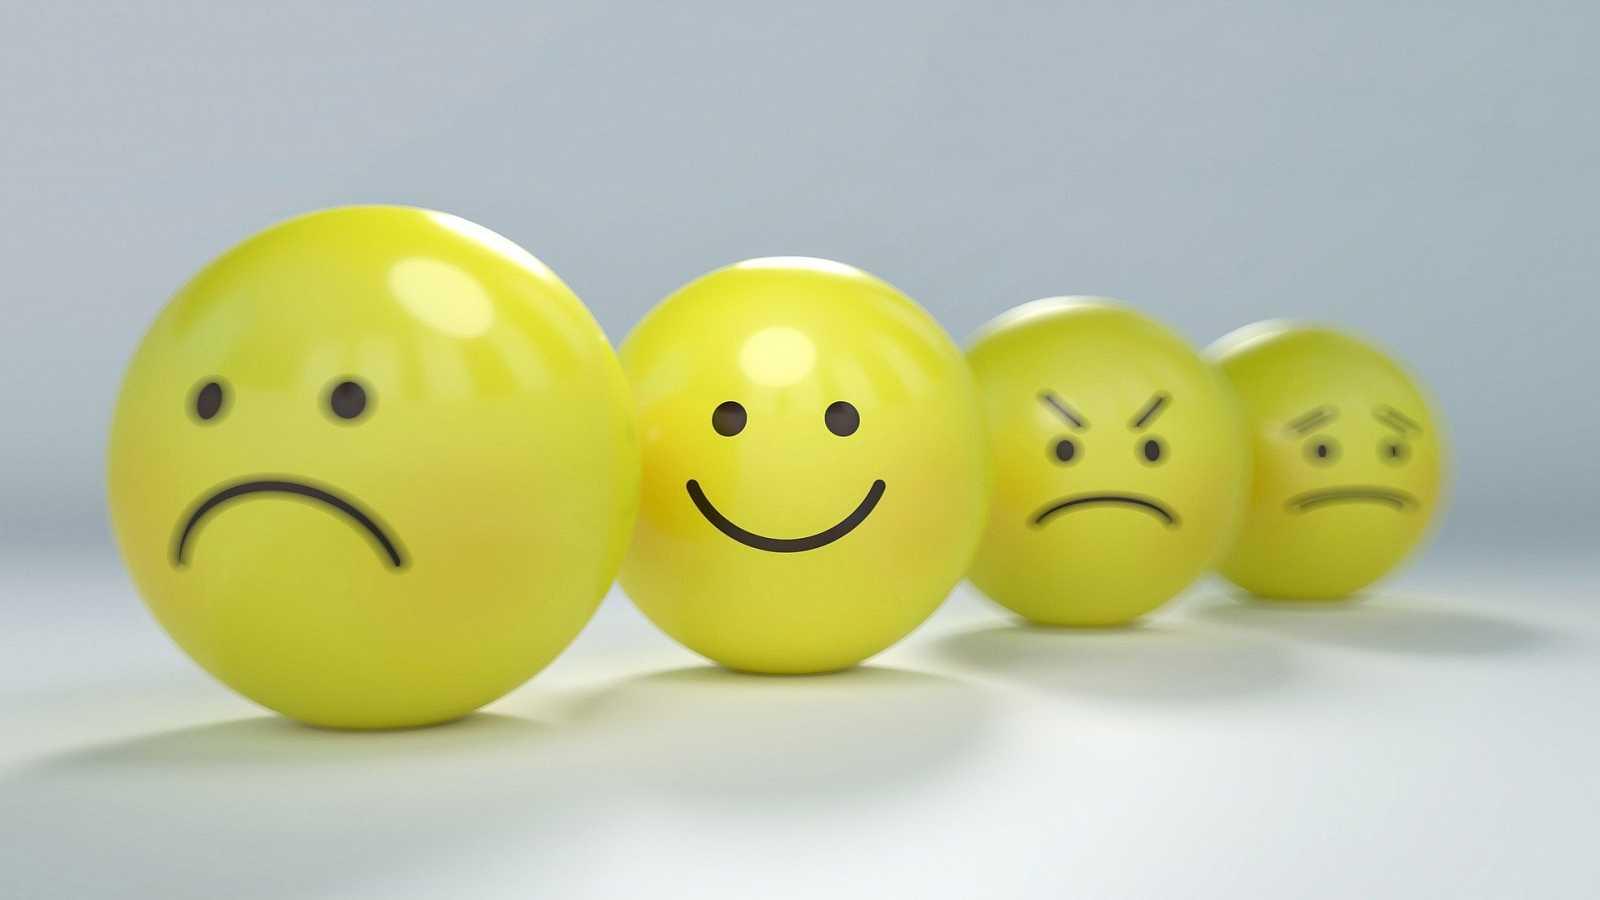 Cómete el mundo - Errores que bloquean tu escucha emocional - 27/10/20 - Escuchar ahora